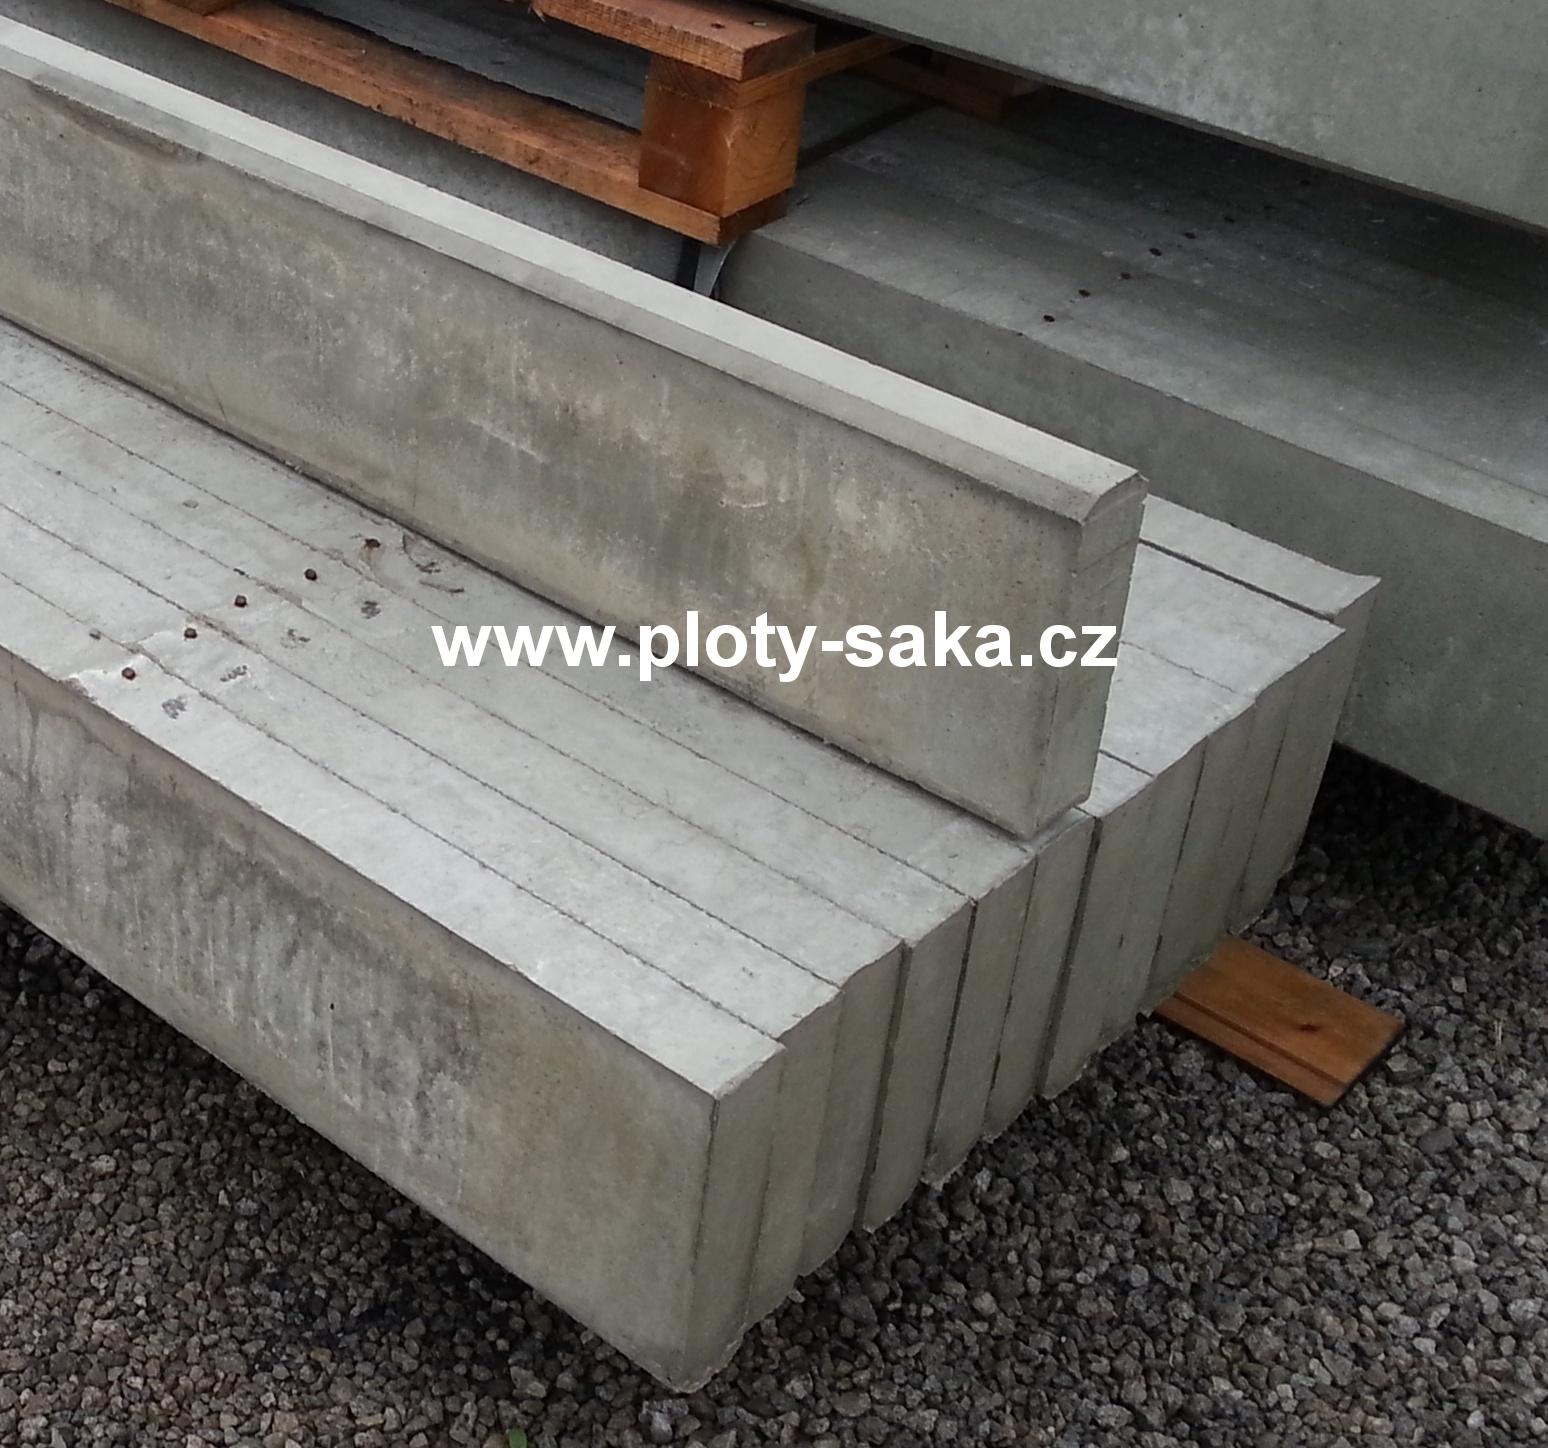 Podhrabová deska - 3000x300x50 mm